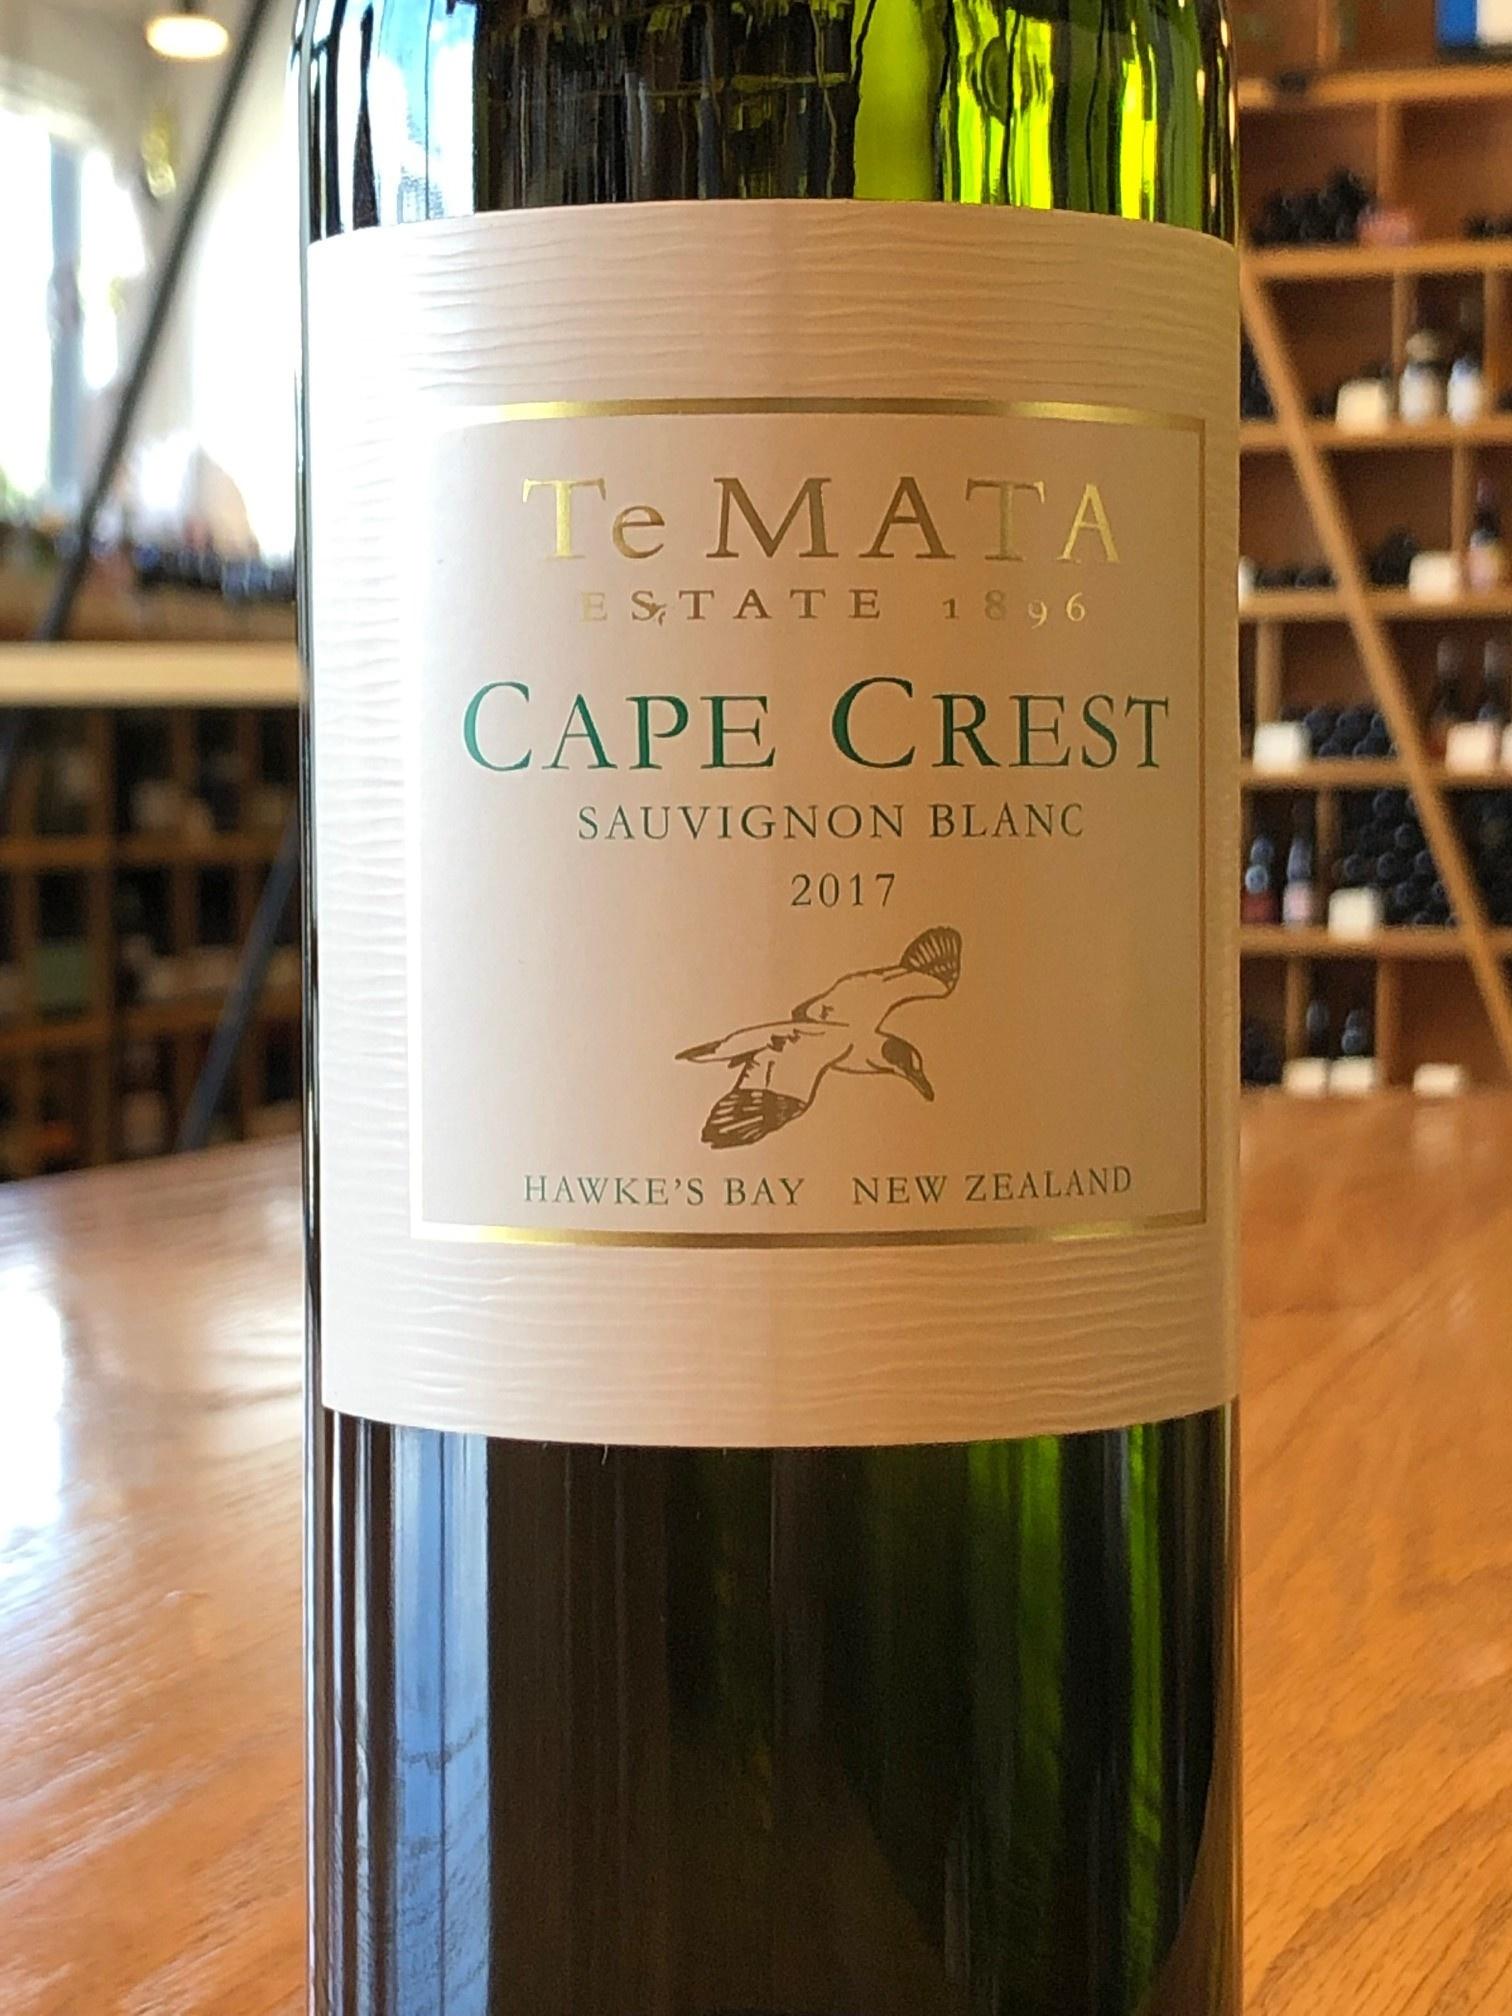 2017 Te Mata Cape Crest Sauvignon Blanc Hawke's Bay White 750ml